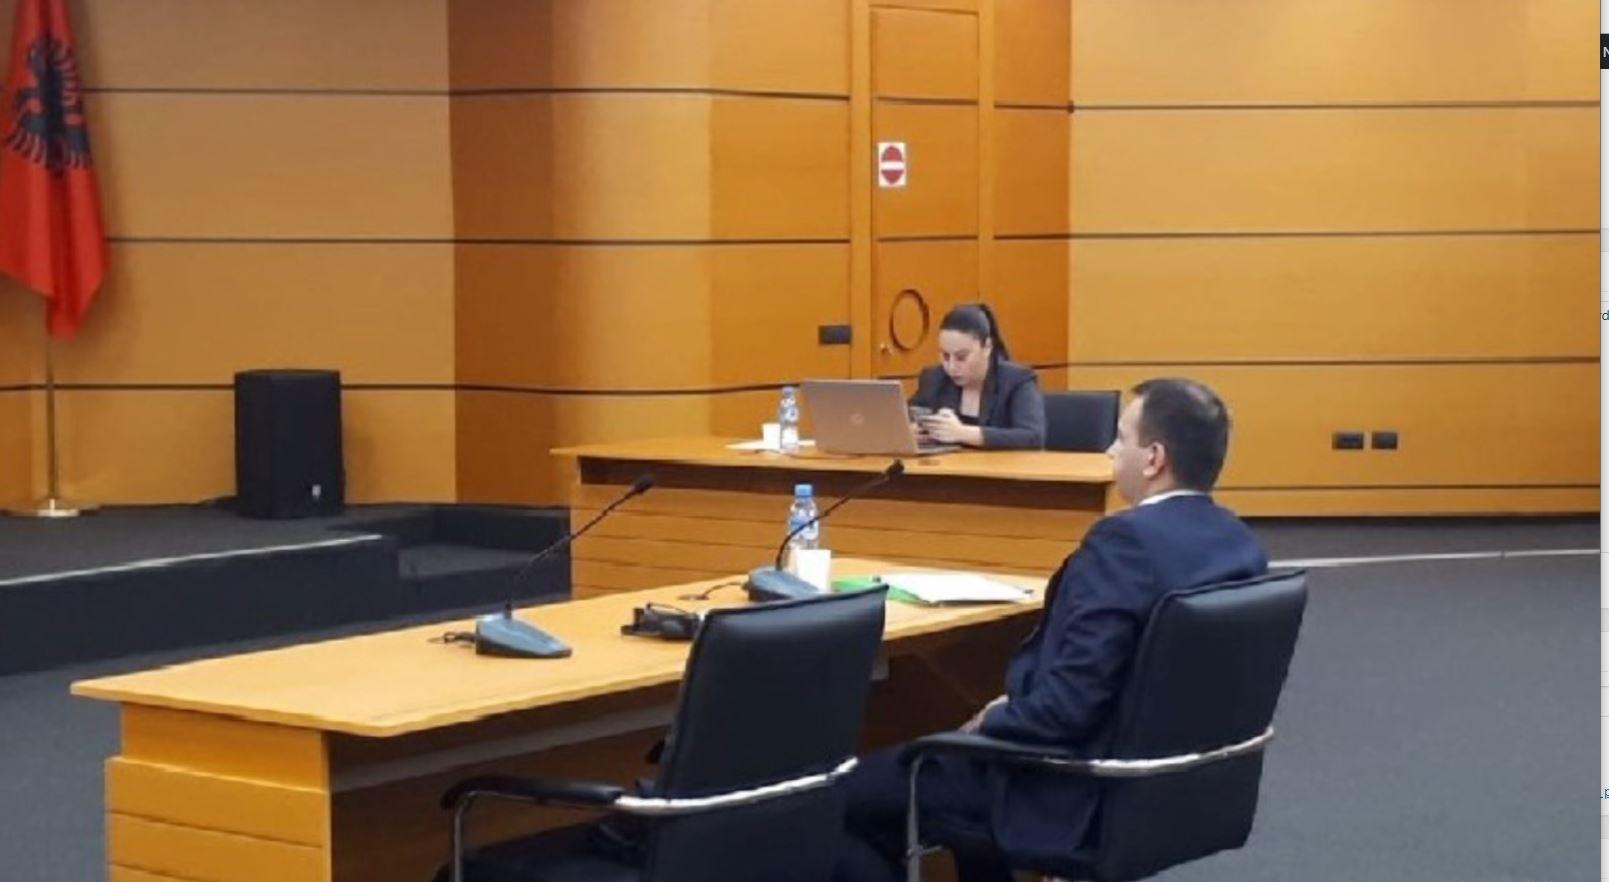 KPK shkarkon kreun e Gjykatës së Fierit